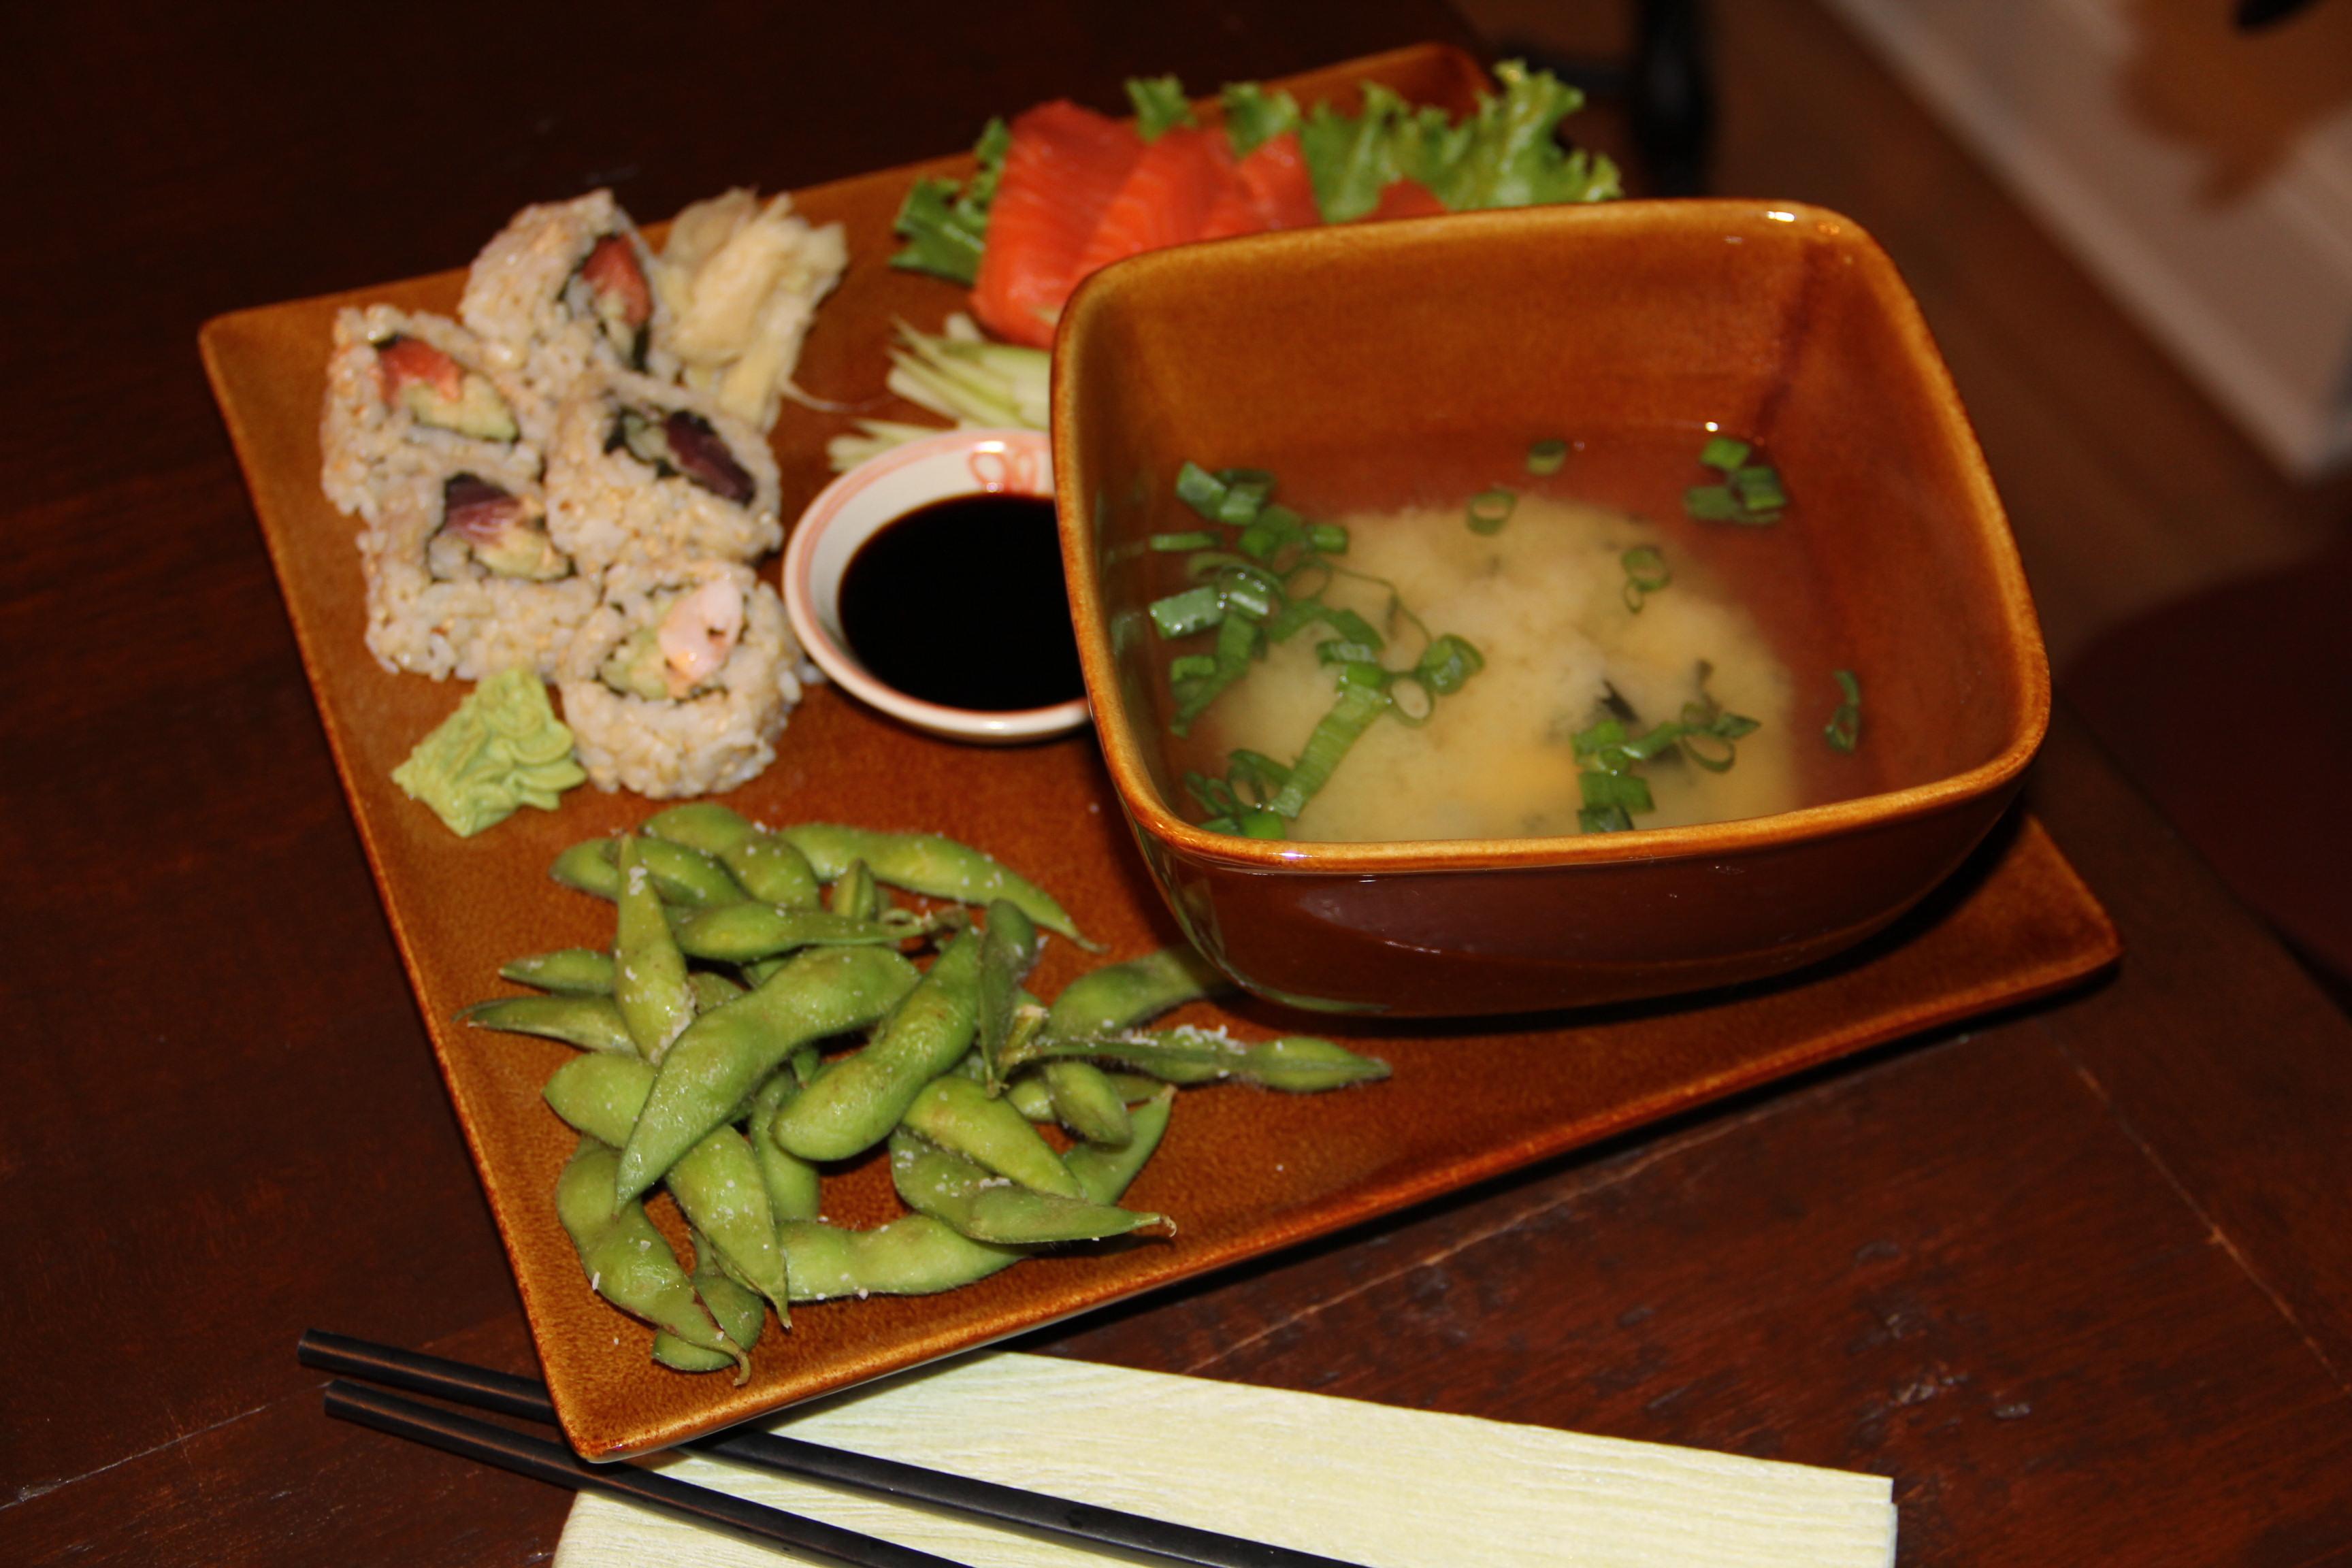 sushi sashimi edamame and miso soup